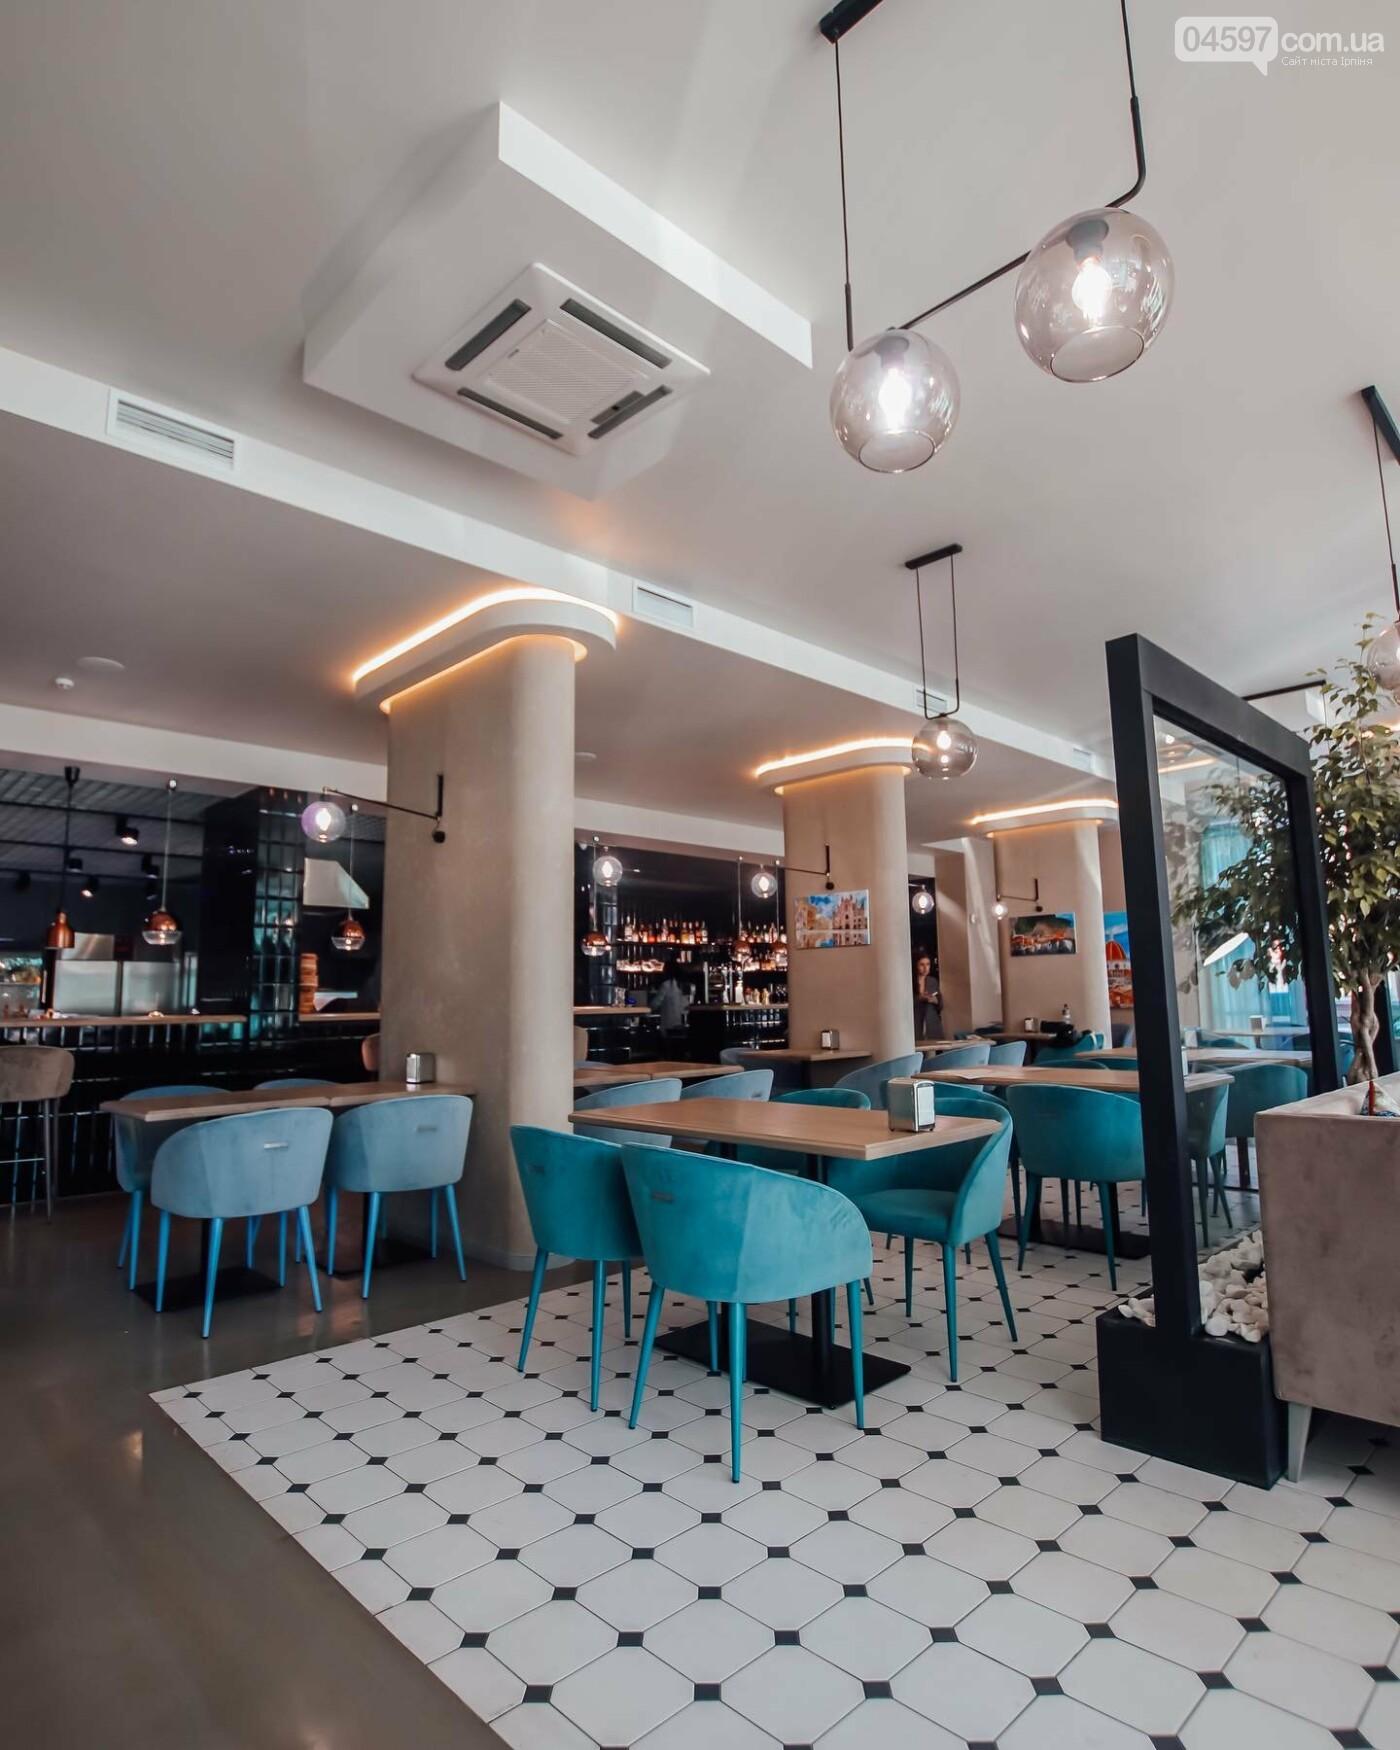 Sapori Veri в Ірпені - вся правда про новий ресторан, фото-1